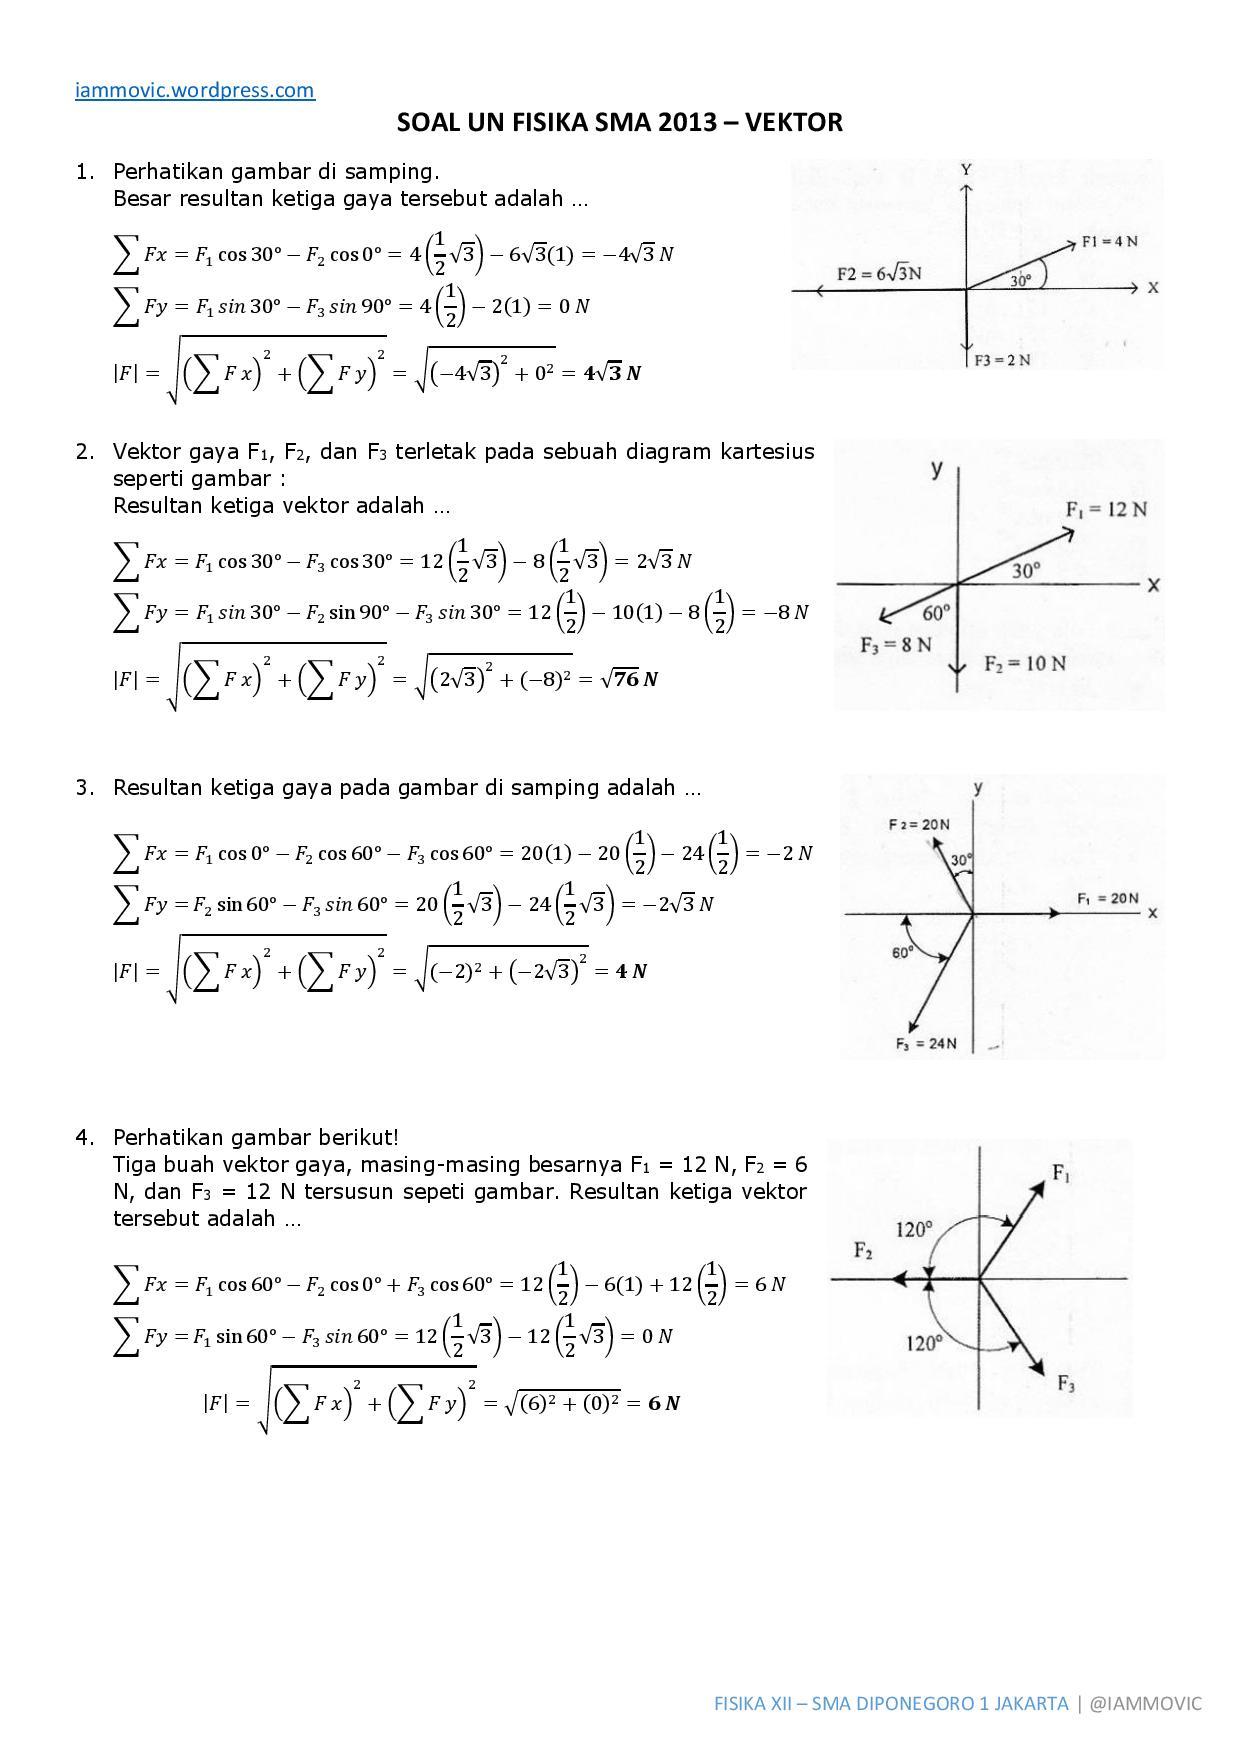 Contoh Soal Vektor Dan Pembahasannya : contoh, vektor, pembahasannya, Pembahasan, Fisika, Sbmptn, IlmuSosial.id